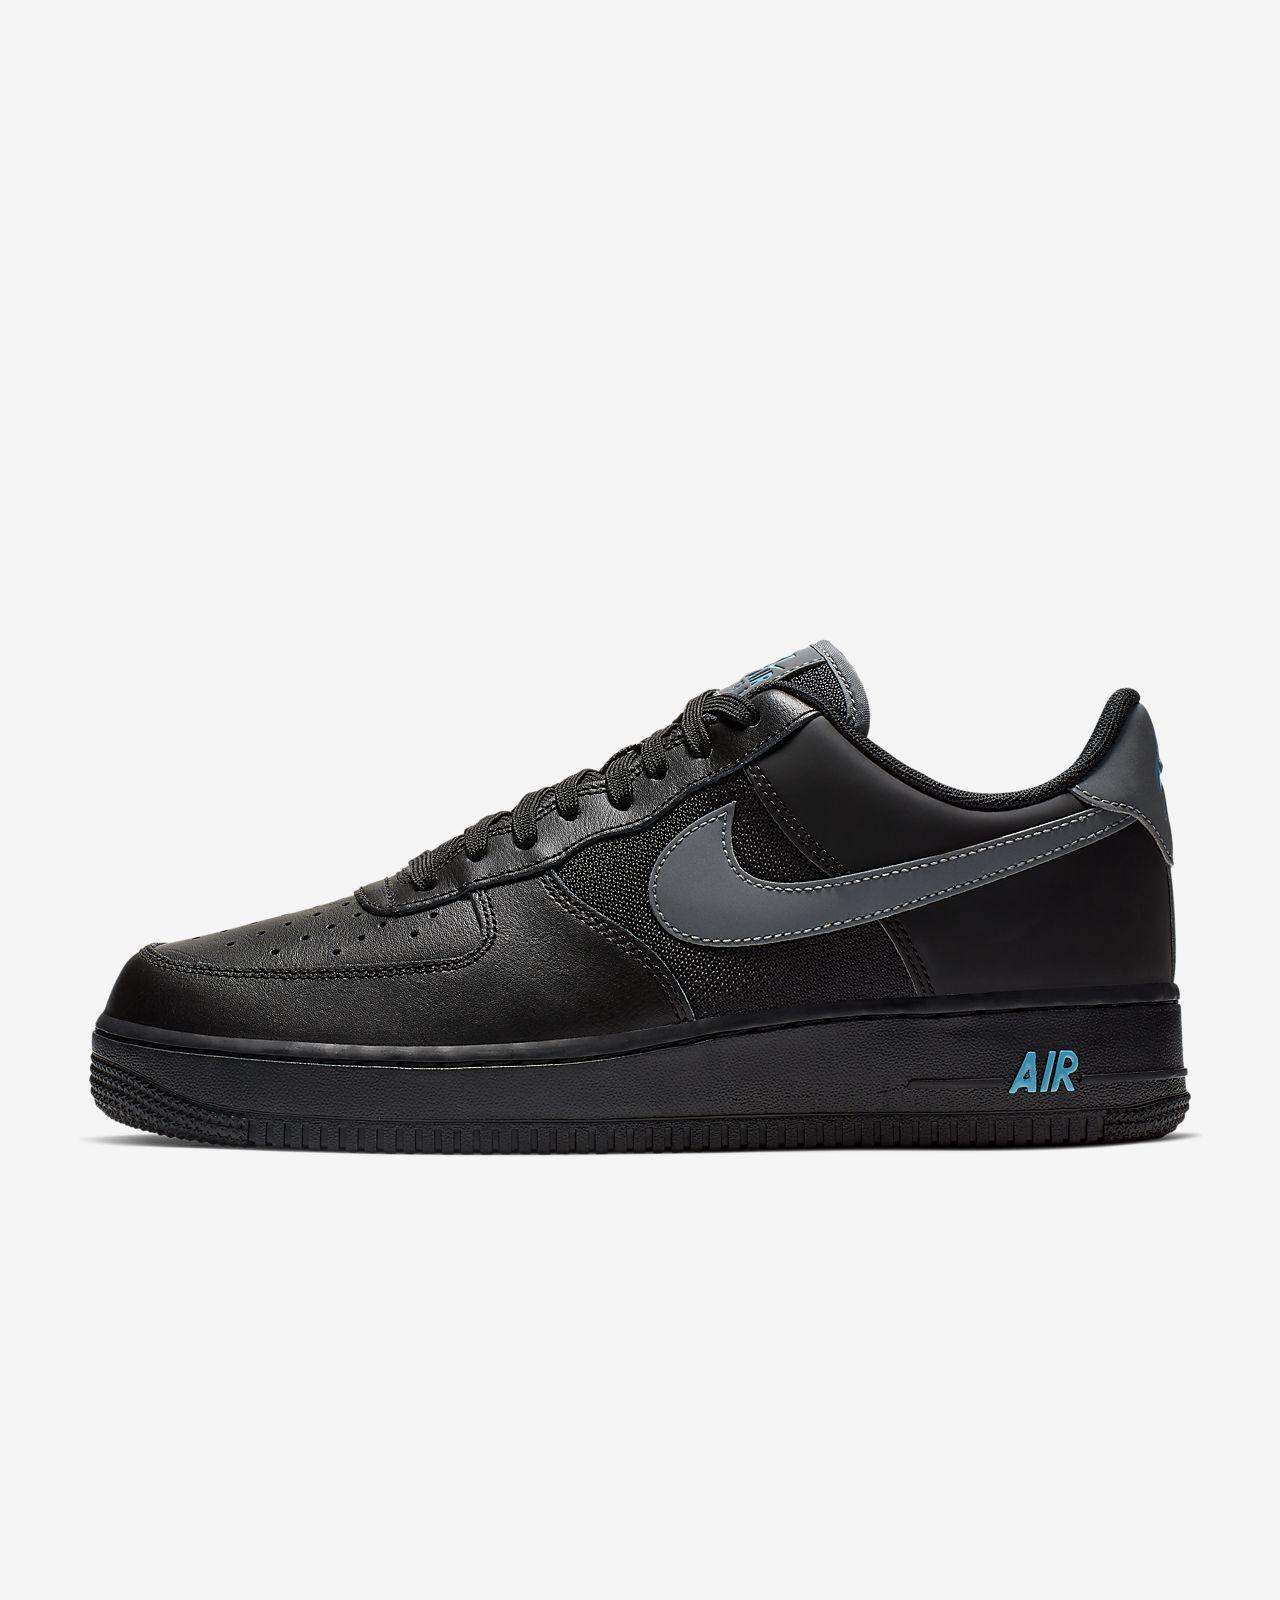 uk availability 936f4 17bc3 ... Sko Nike Air Force 1  07 LV8 för män